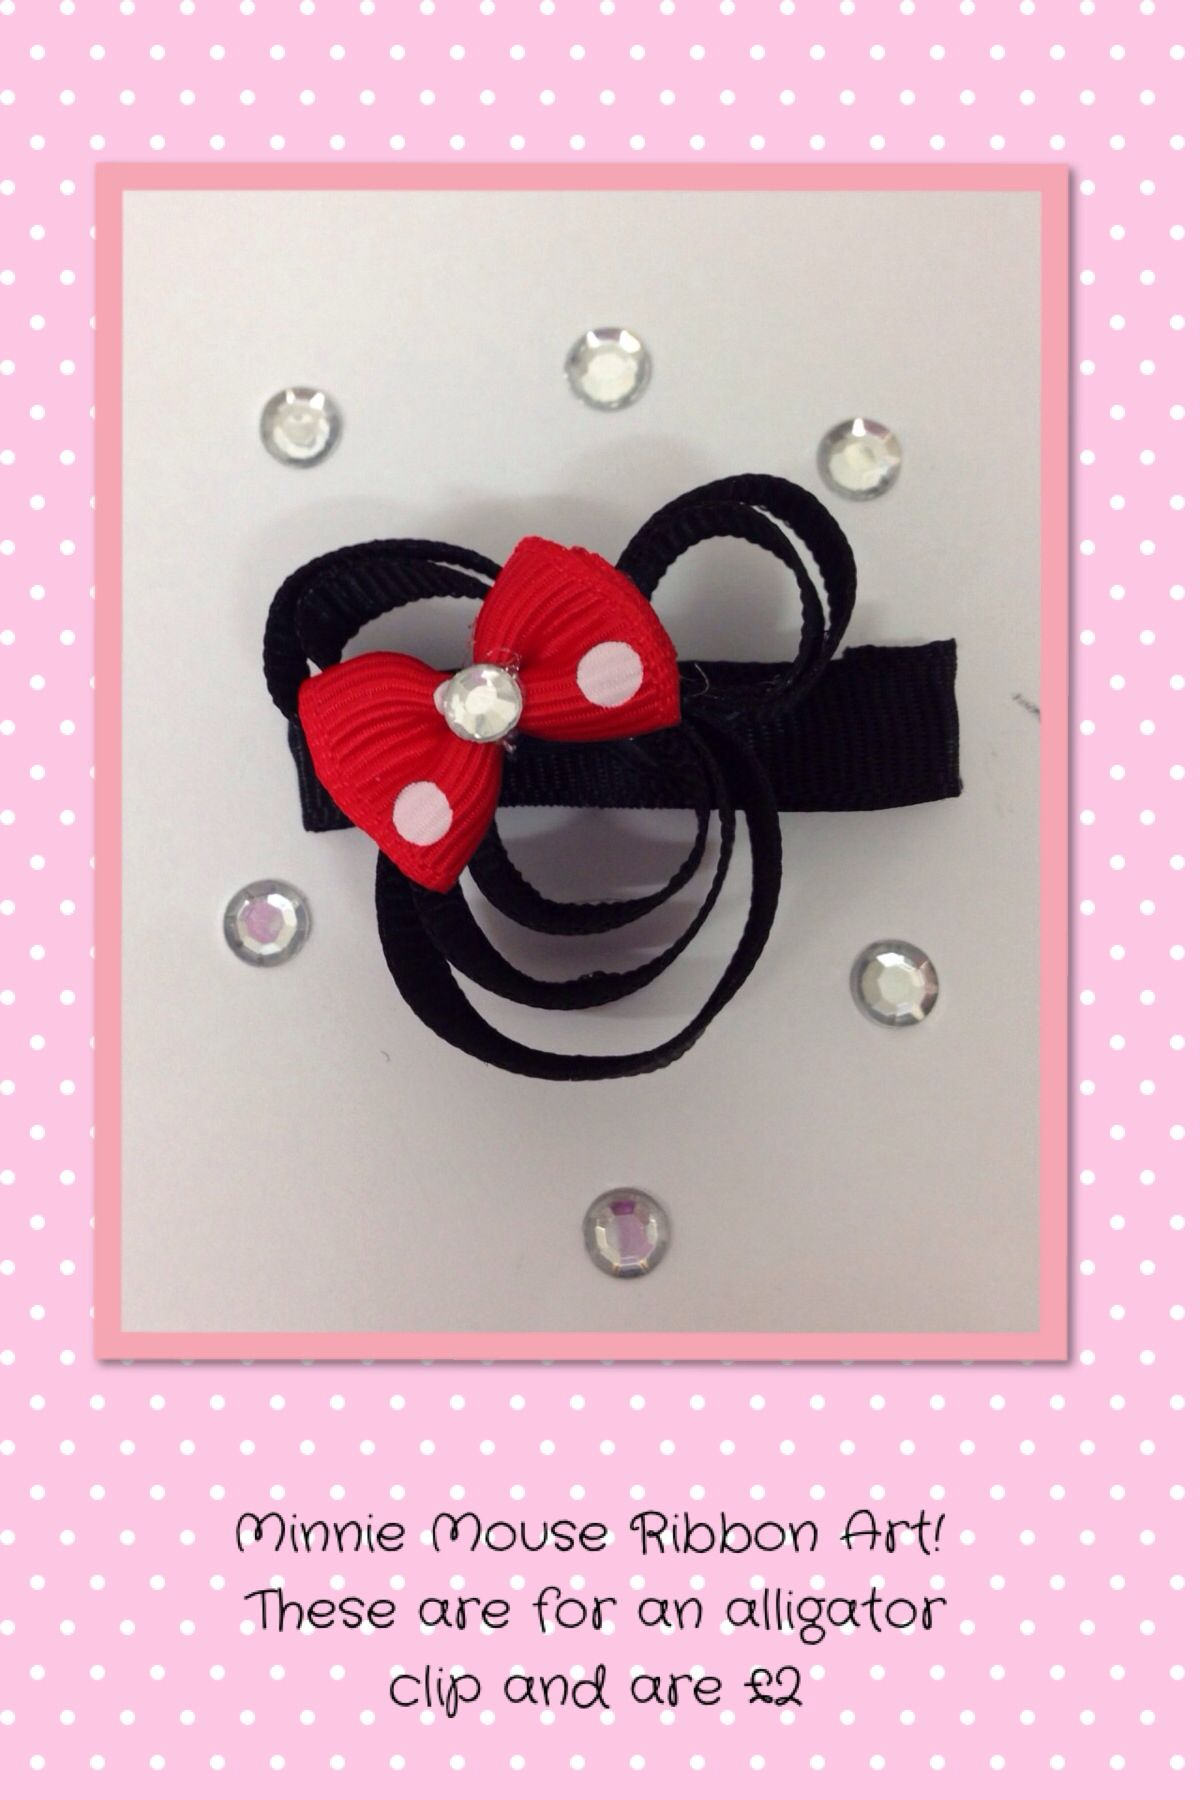 Minnie ribbonart